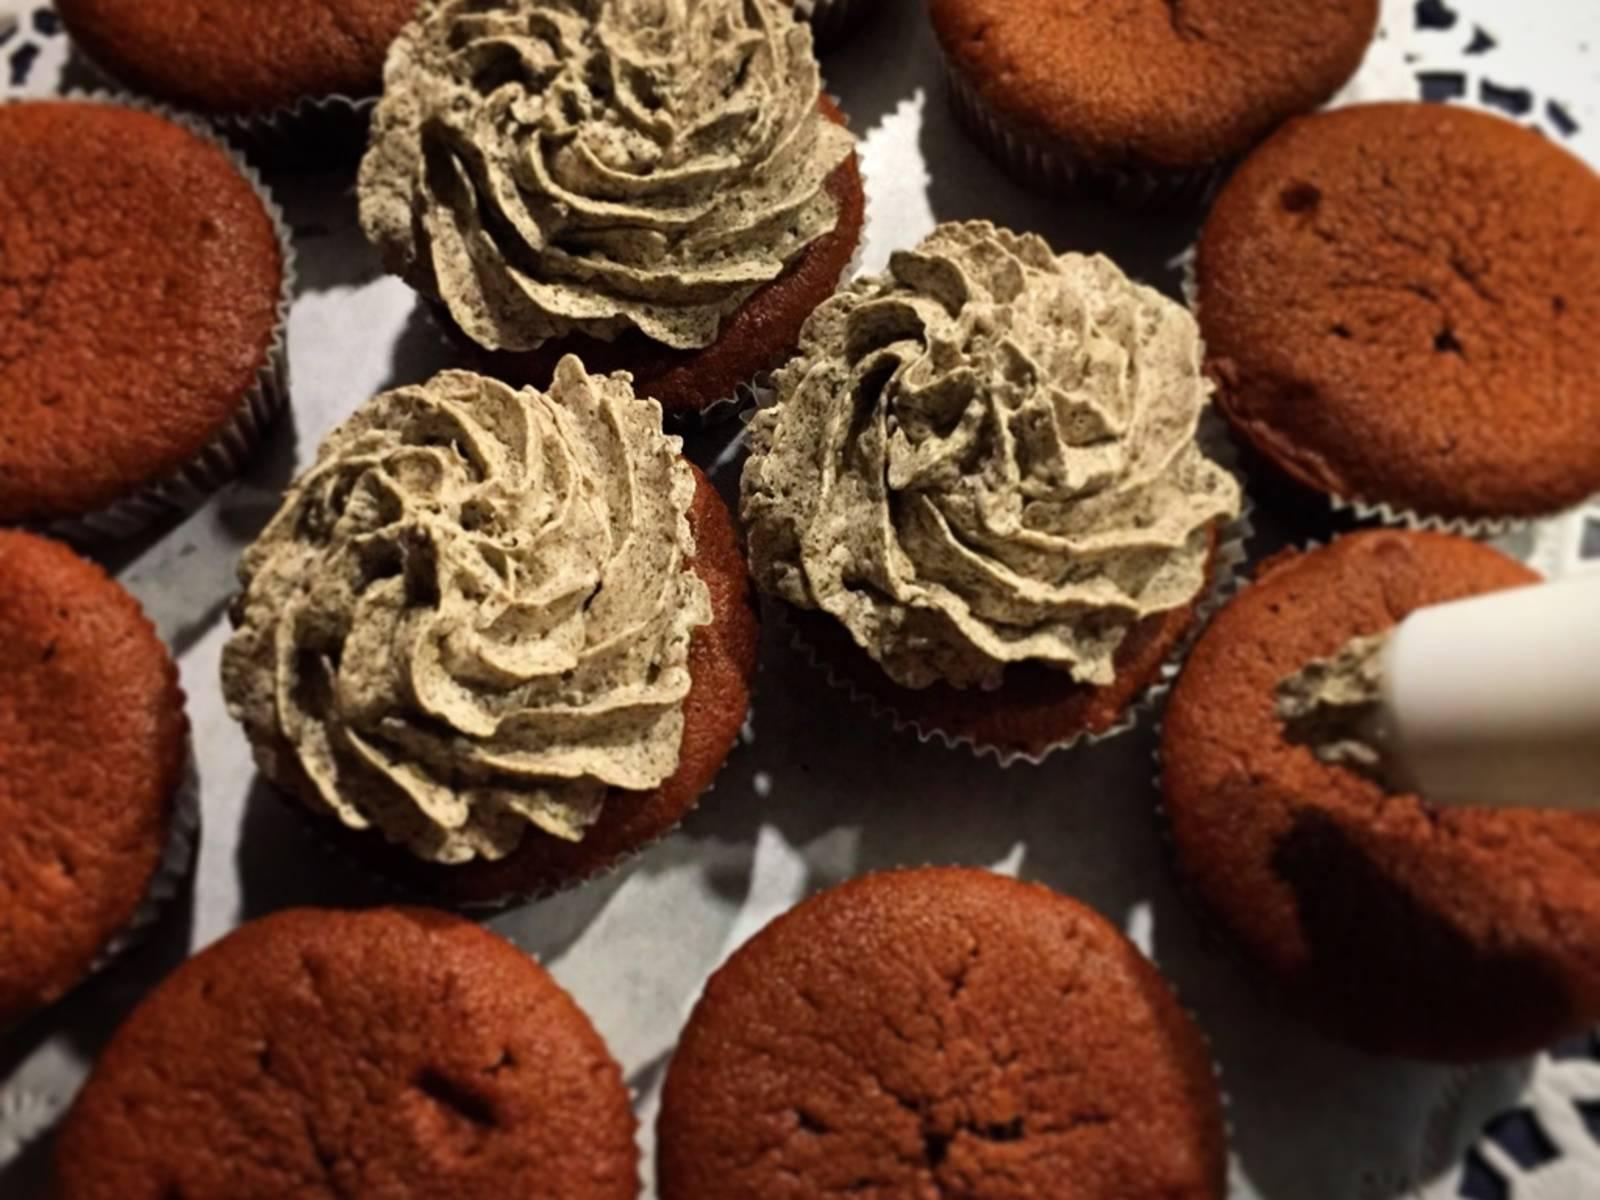 将奥利奥夹心混合物倒入装了星形裱花嘴的裱花袋中,挤到冷却好的纸杯蛋糕上。如果喜欢,可以用一块或半块奥利奥饼干装饰蛋糕。